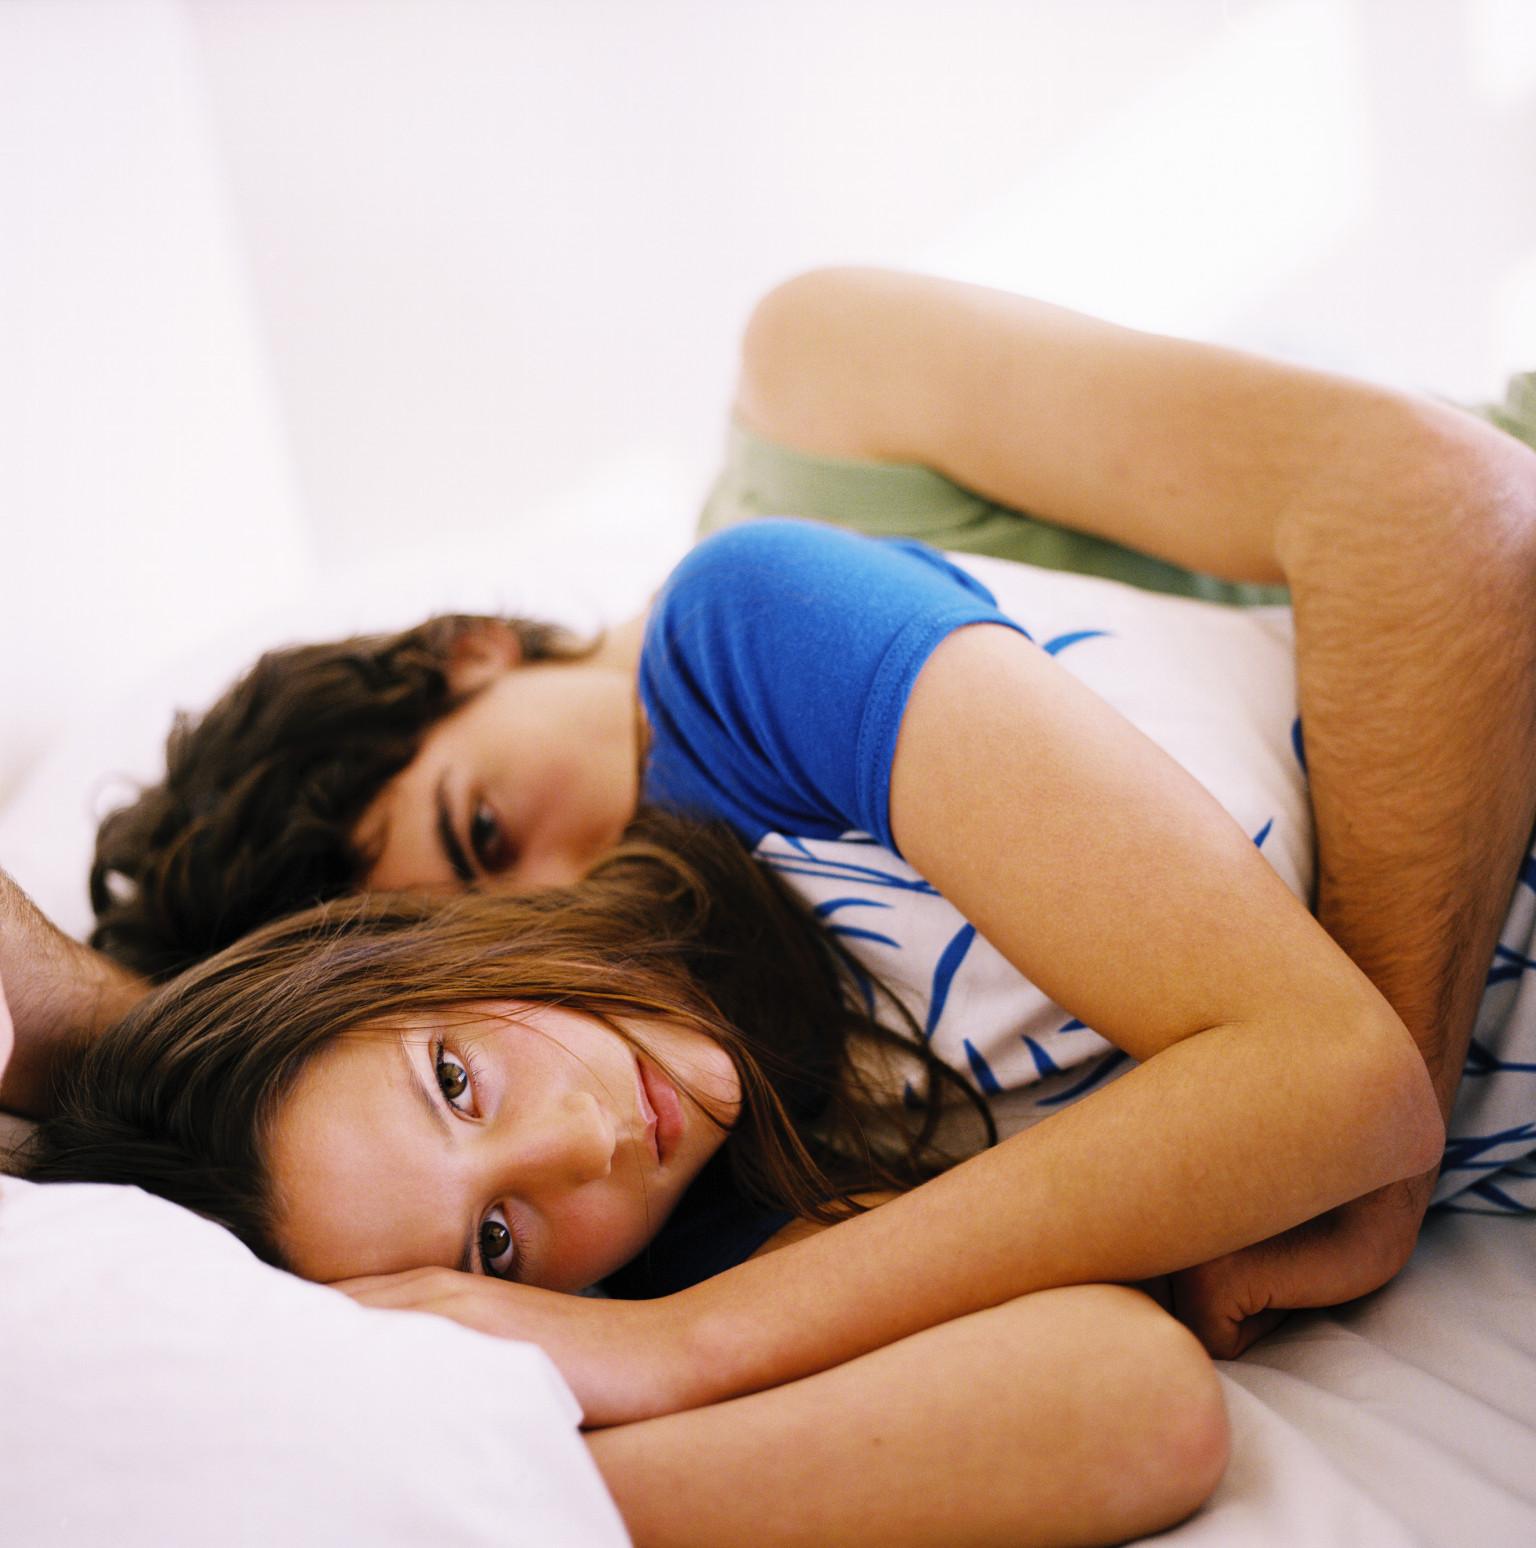 Смотреть оральный секс с молодинькими девушками жесткий секс